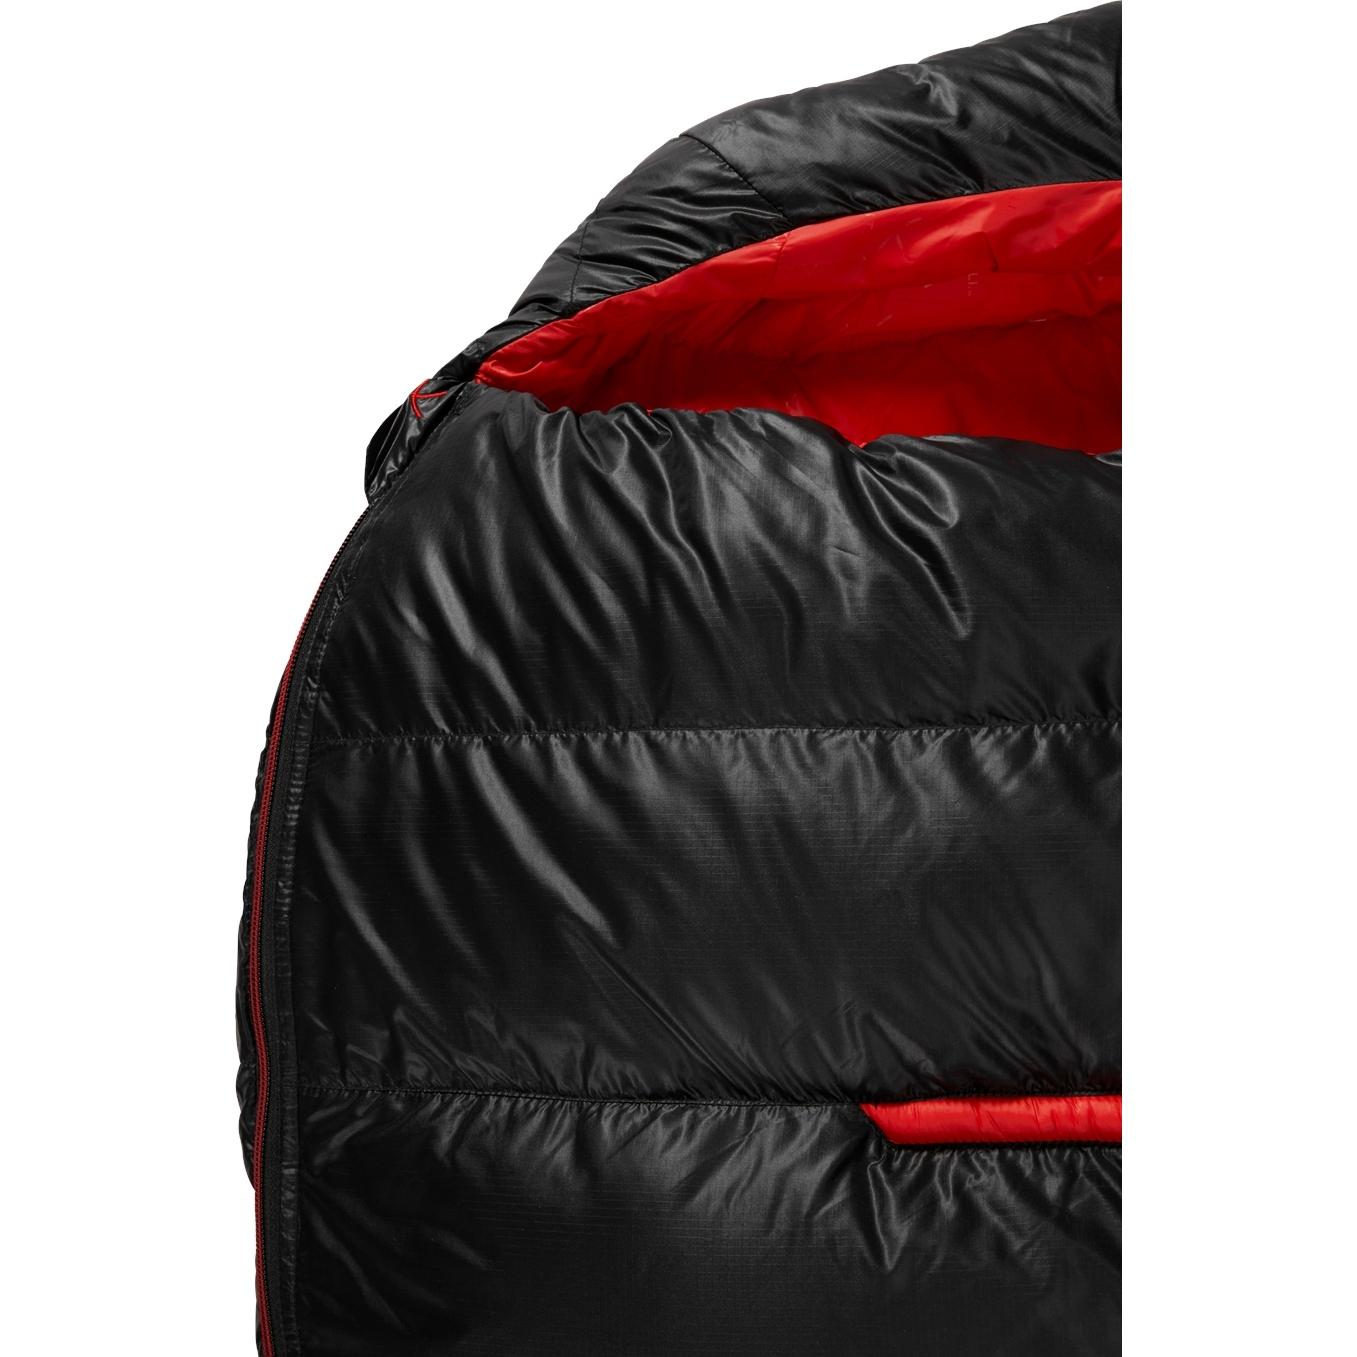 Bild von Y by Nordisk VIB 400 L Schlafsack - black/fiery red